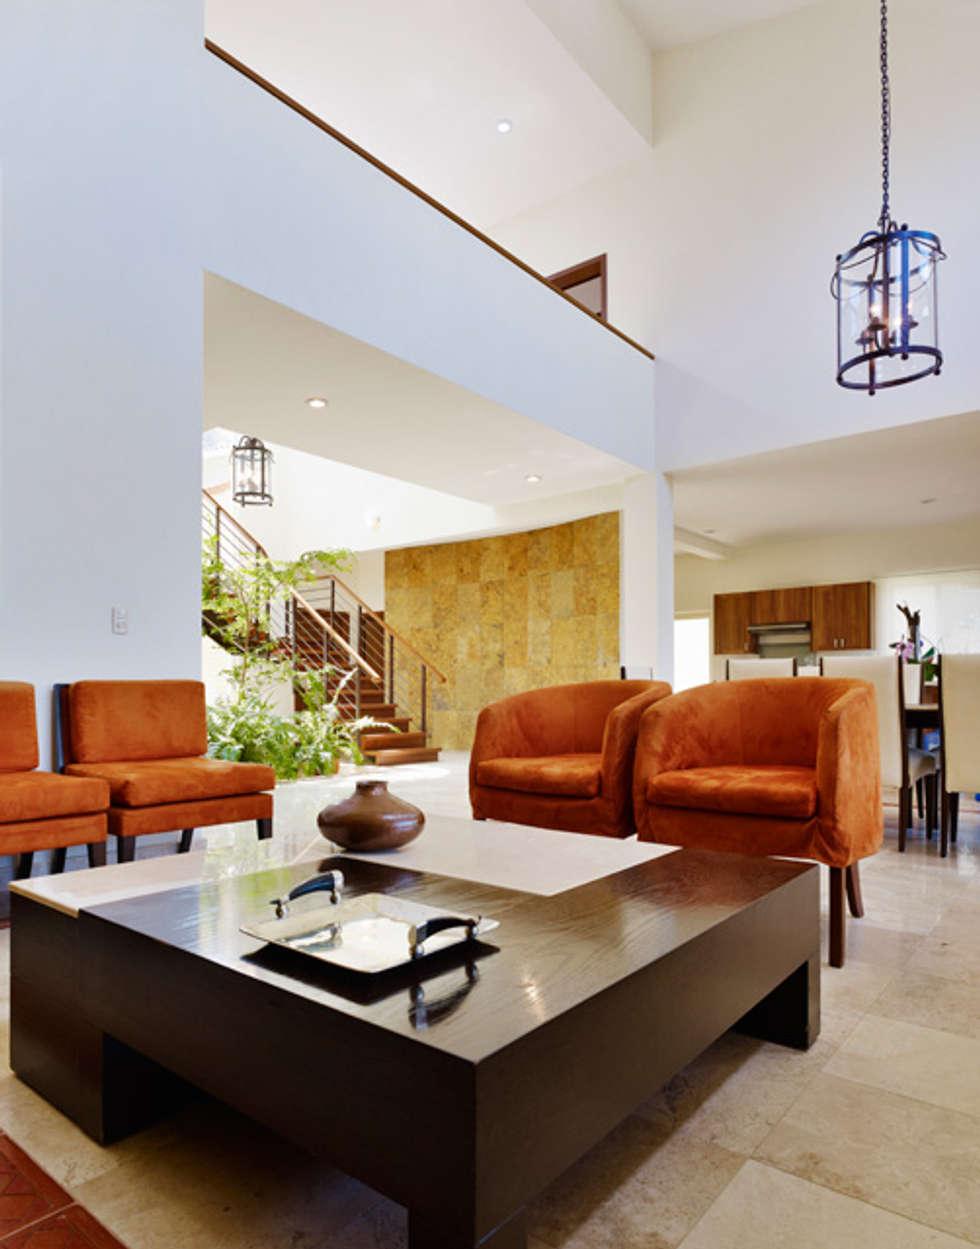 doble altura : Pasillos y recibidores de estilo  por Excelencia en Diseño